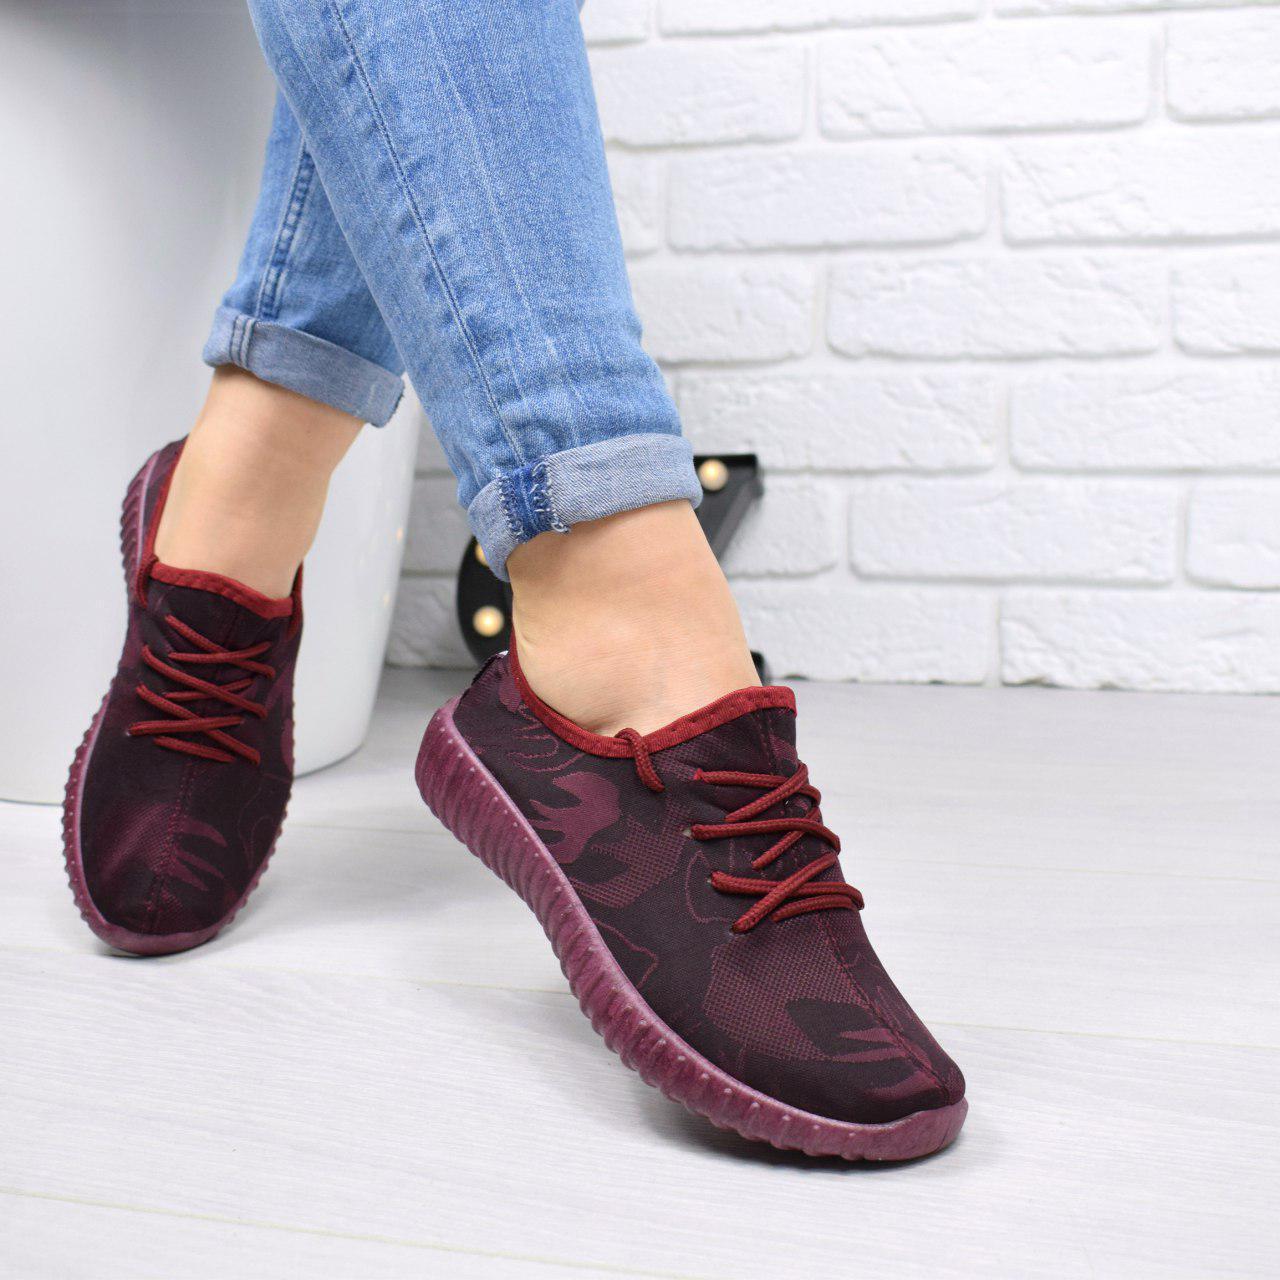 """Кеды, кроссовки, криперы, мокасины женские бордовые """"Flexible"""" текстиль спортивная, повседневная, летняя обувь"""